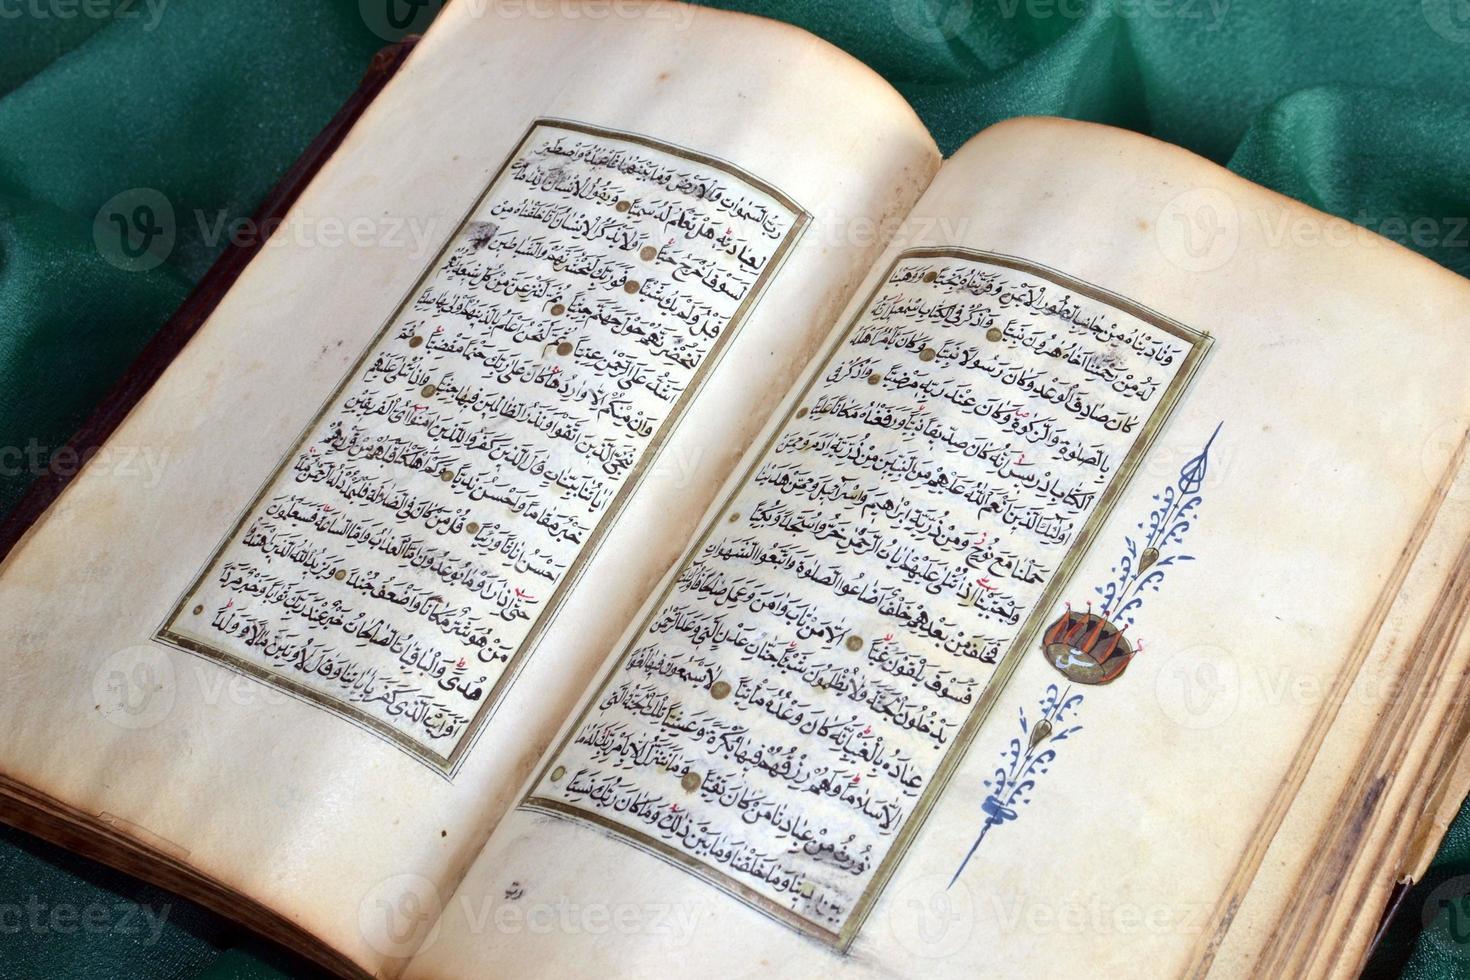 Koranen koran foto